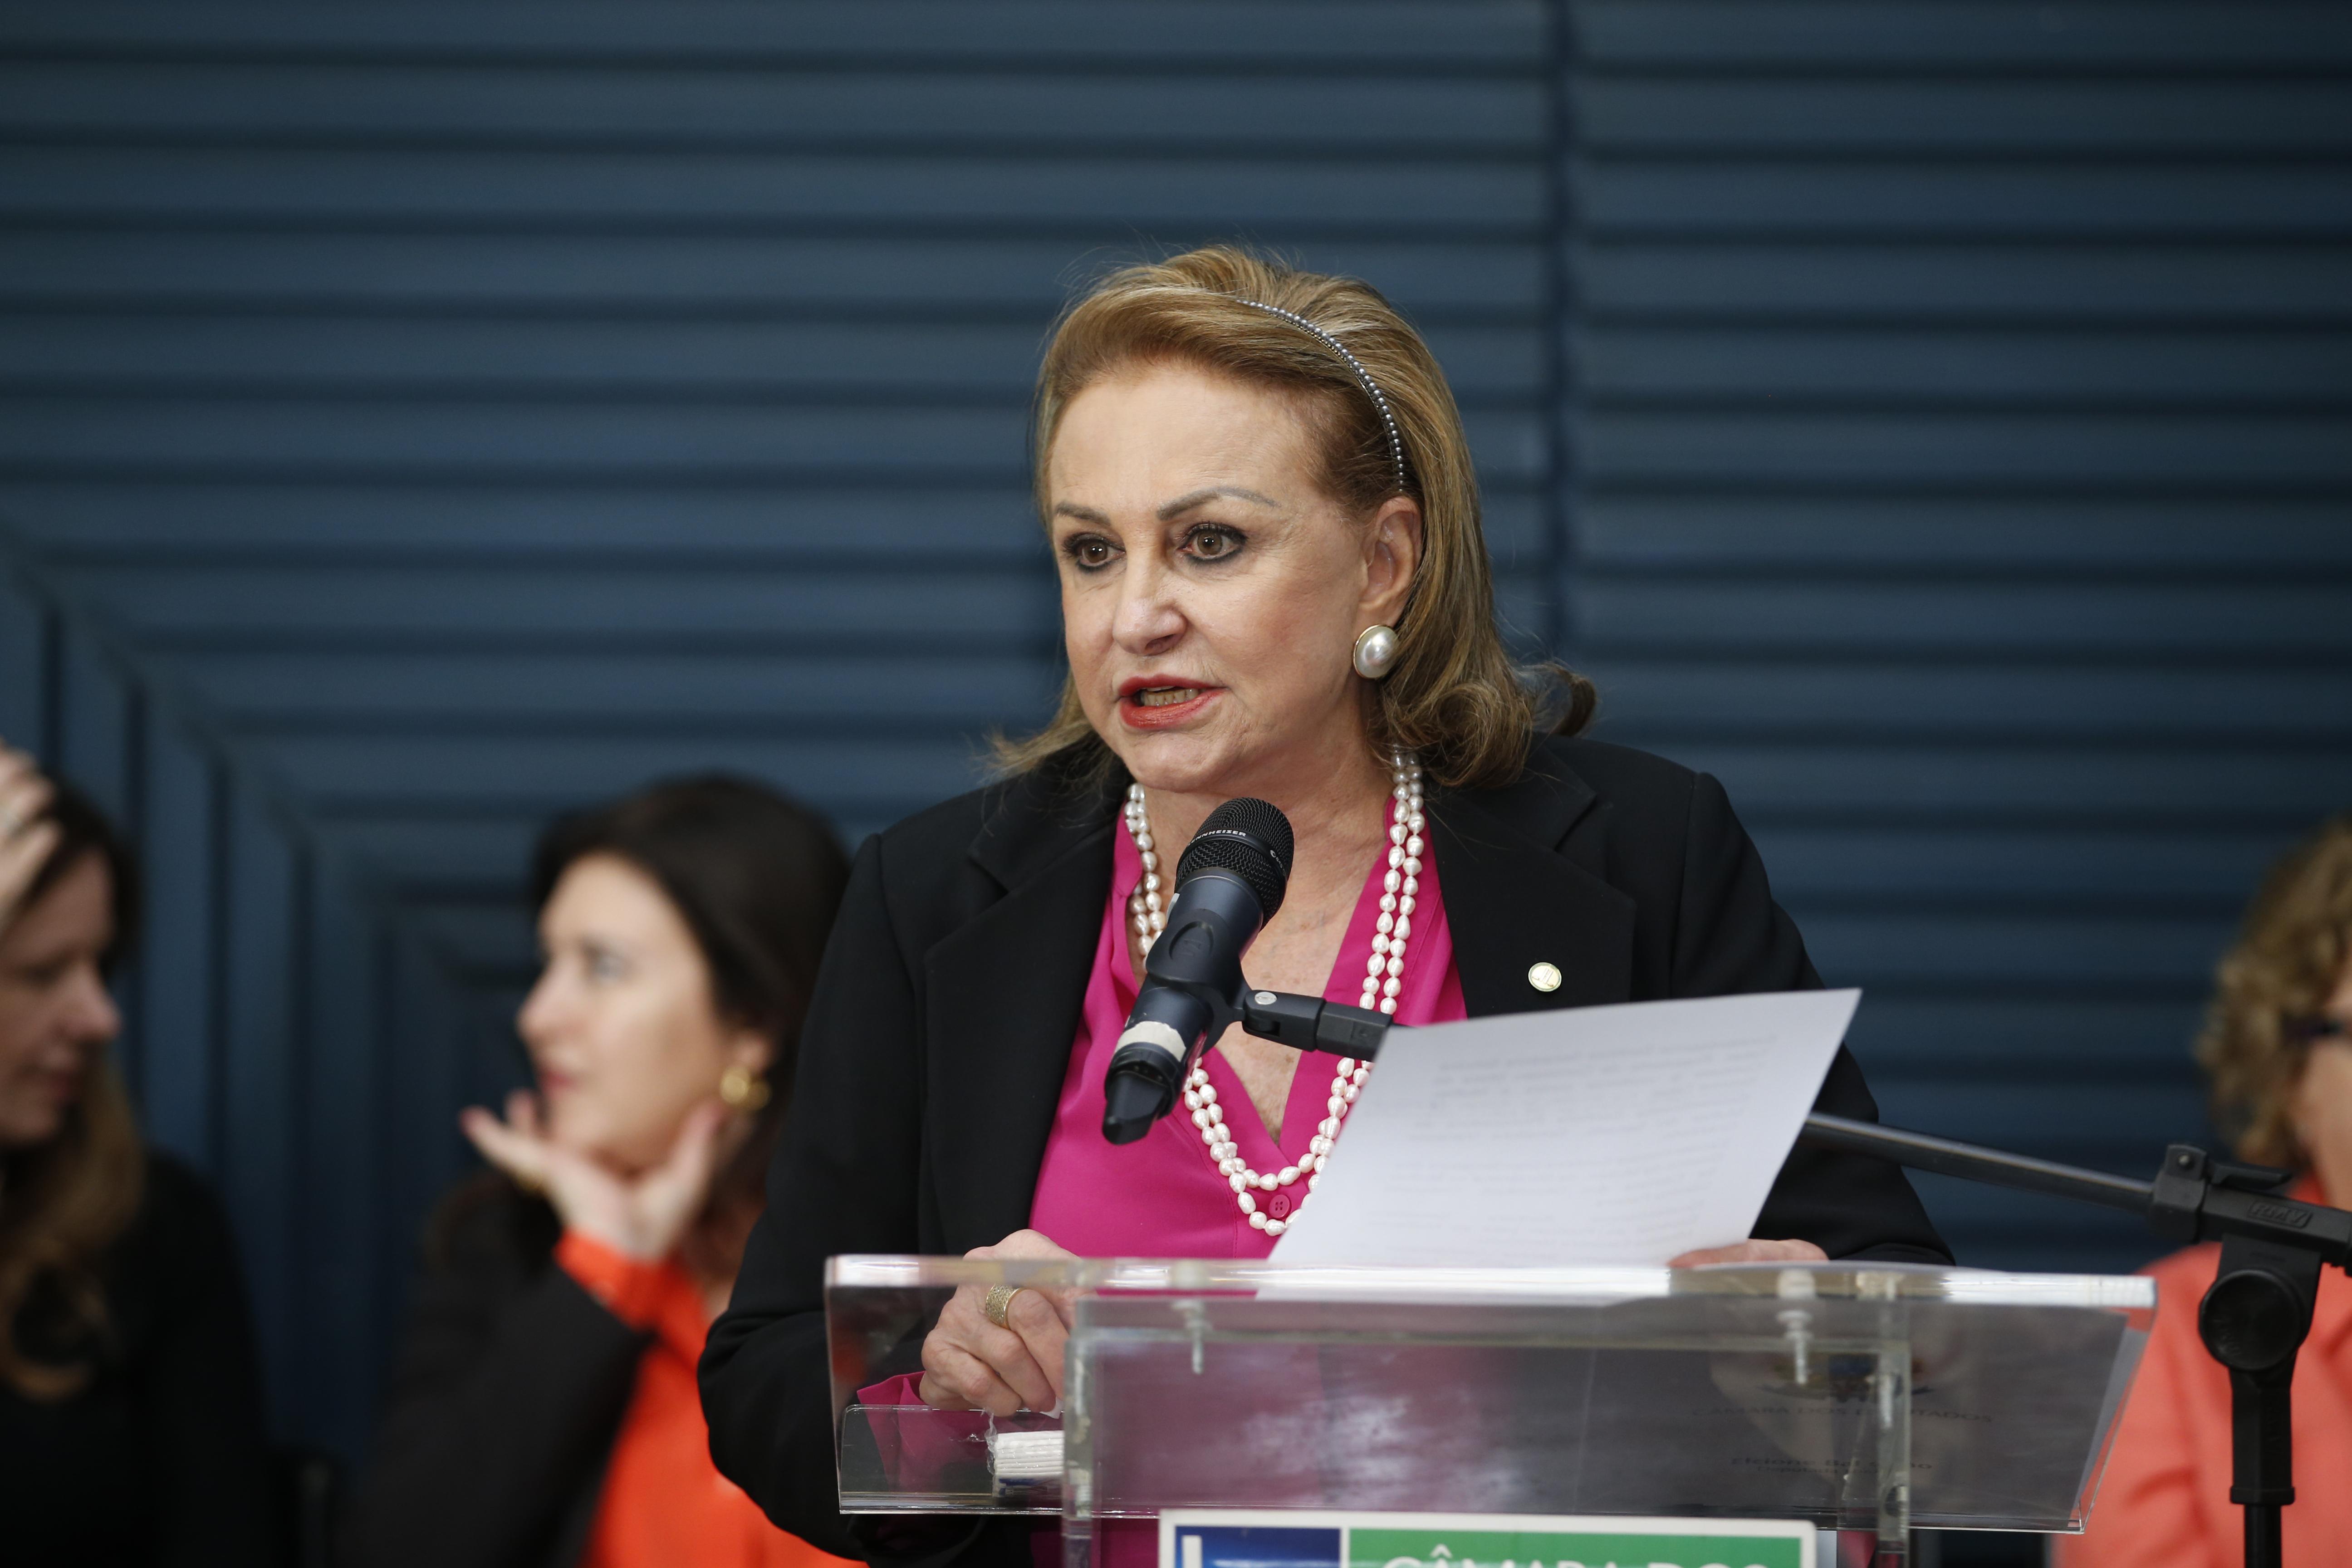 Ato para conscientizar a população sobre os tipos de violência de gênero previstos na Lei Maria da Penha, que pune os agressores de mulheres. Dep. Elcione Barbalho